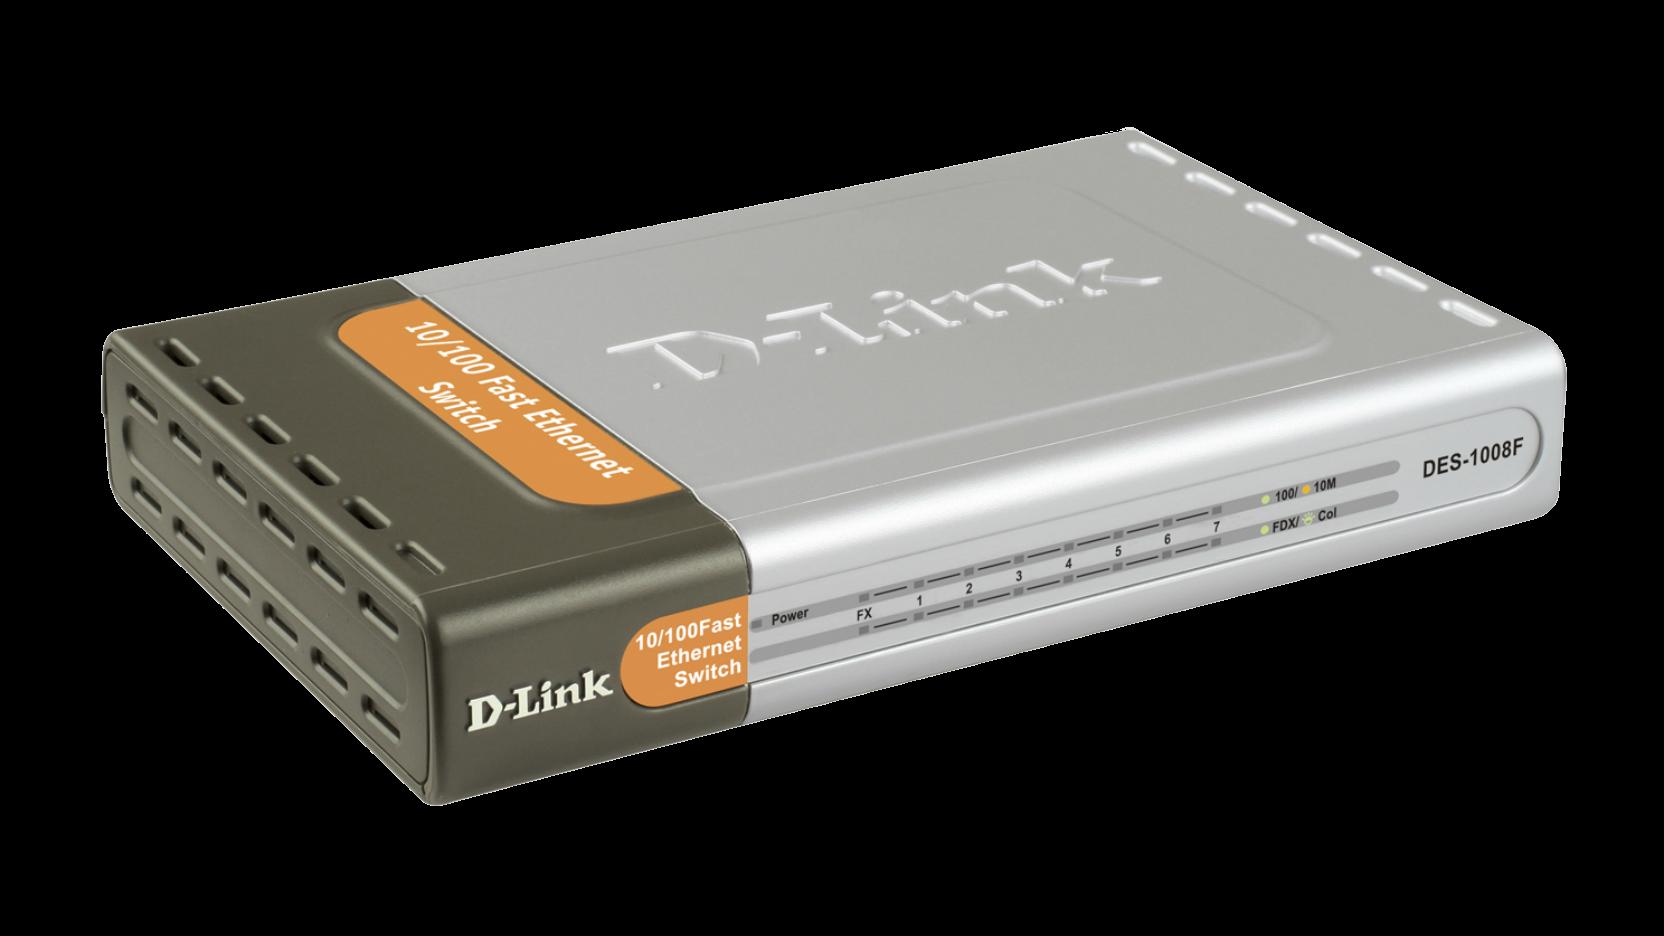 DES 1008F 8 Port Fast Ethernet Unmanaged Desktop Switch Including